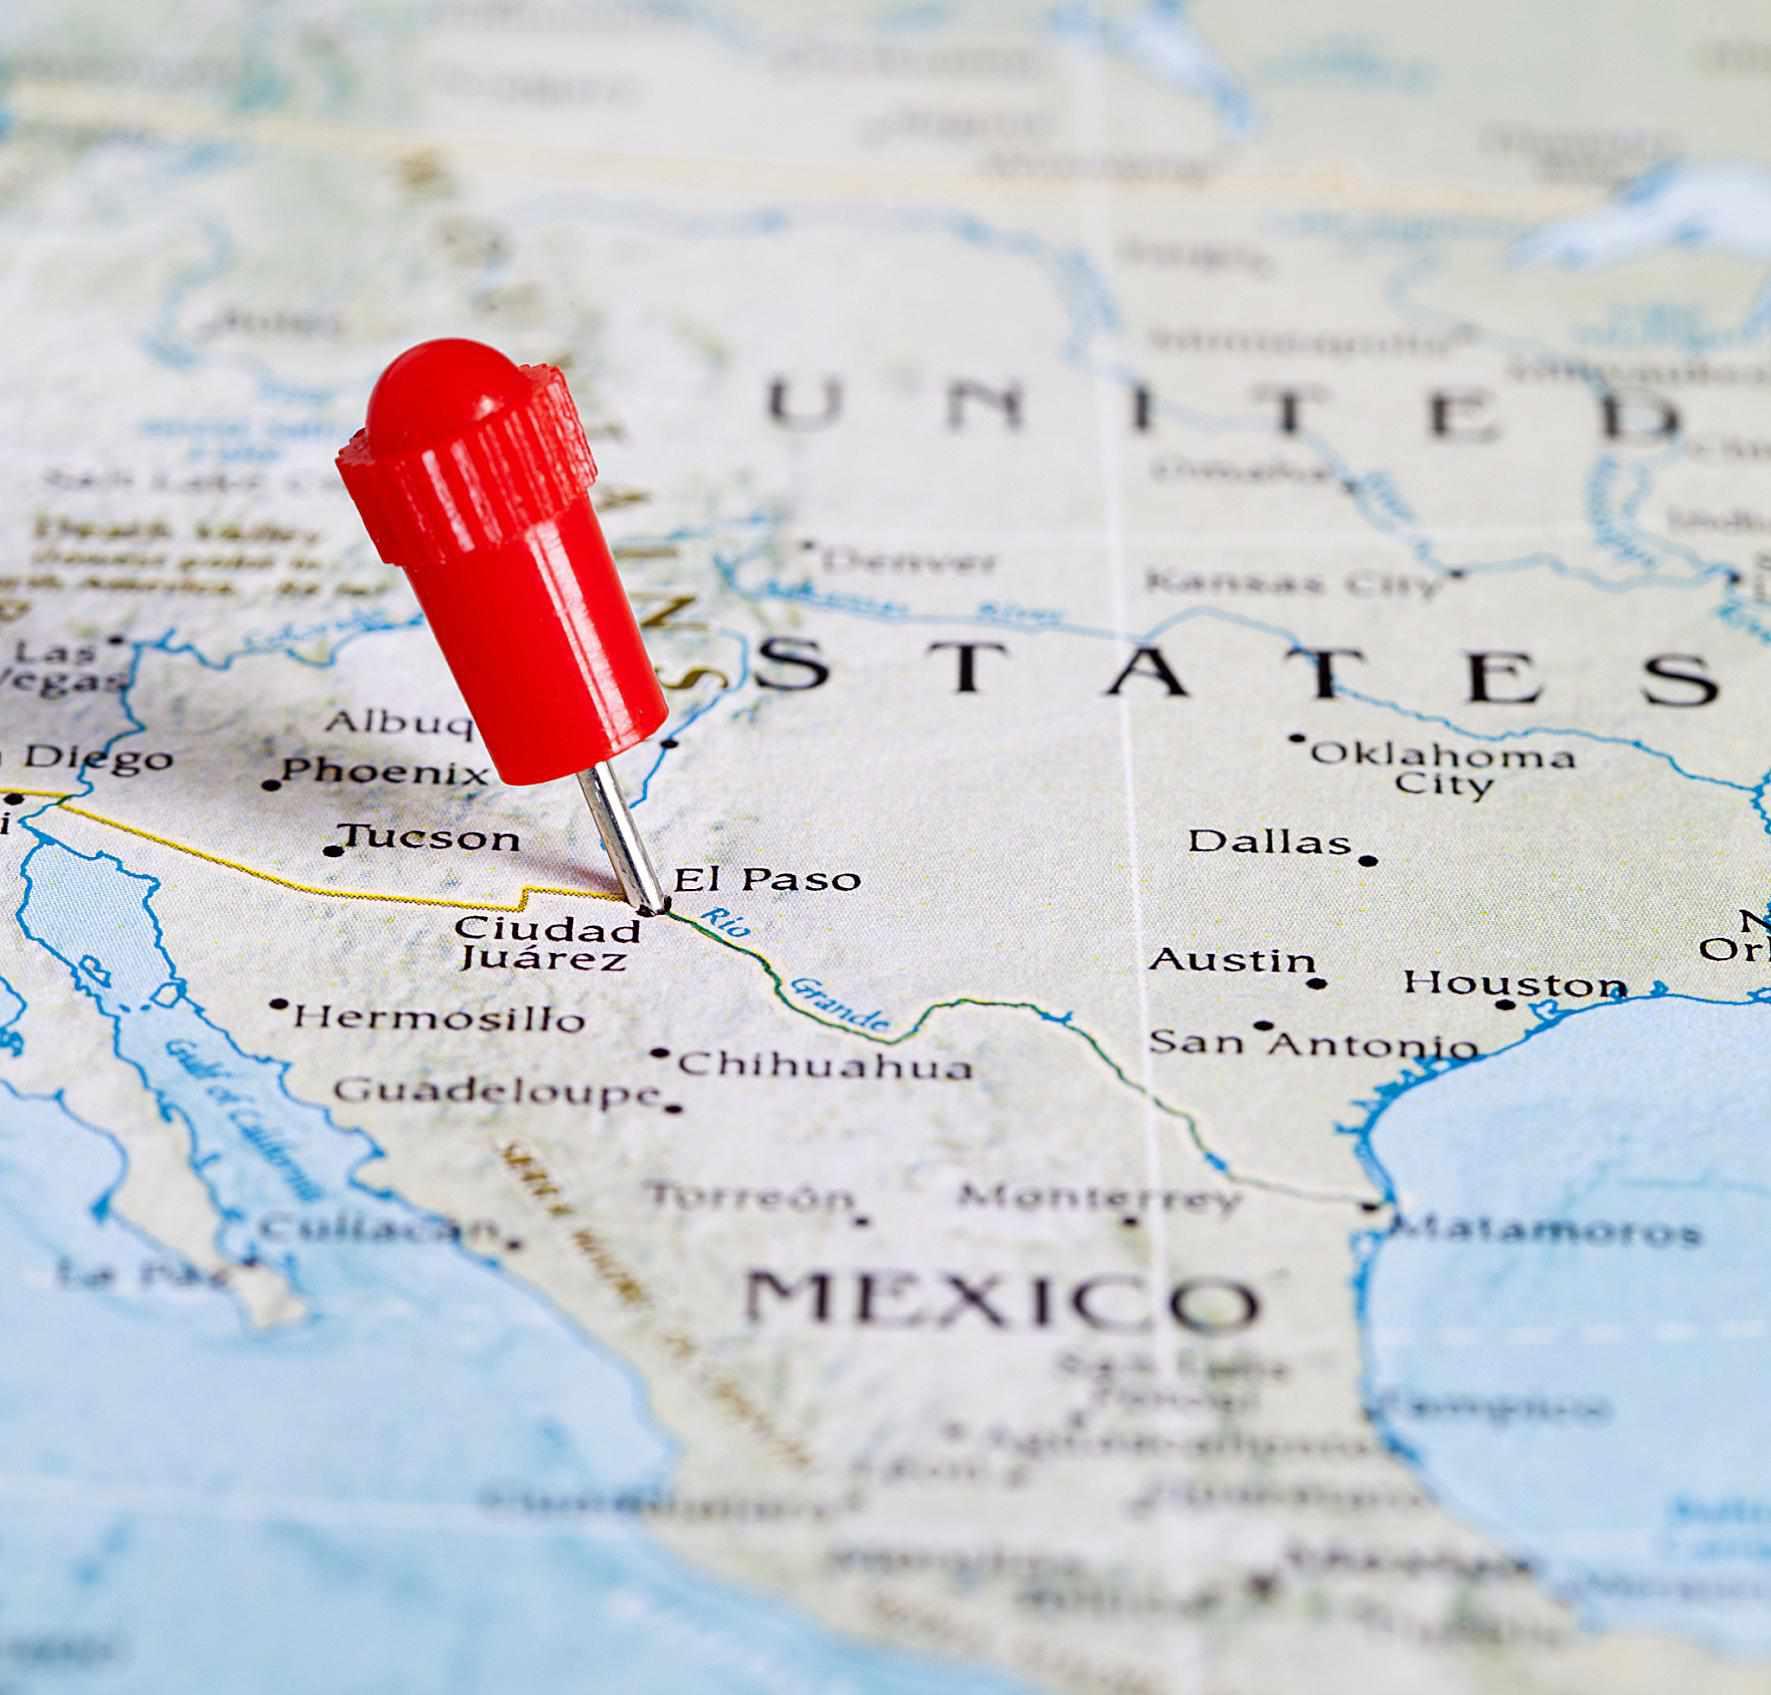 Quiénes pueden ingresar a USA con tarjeta de cruce